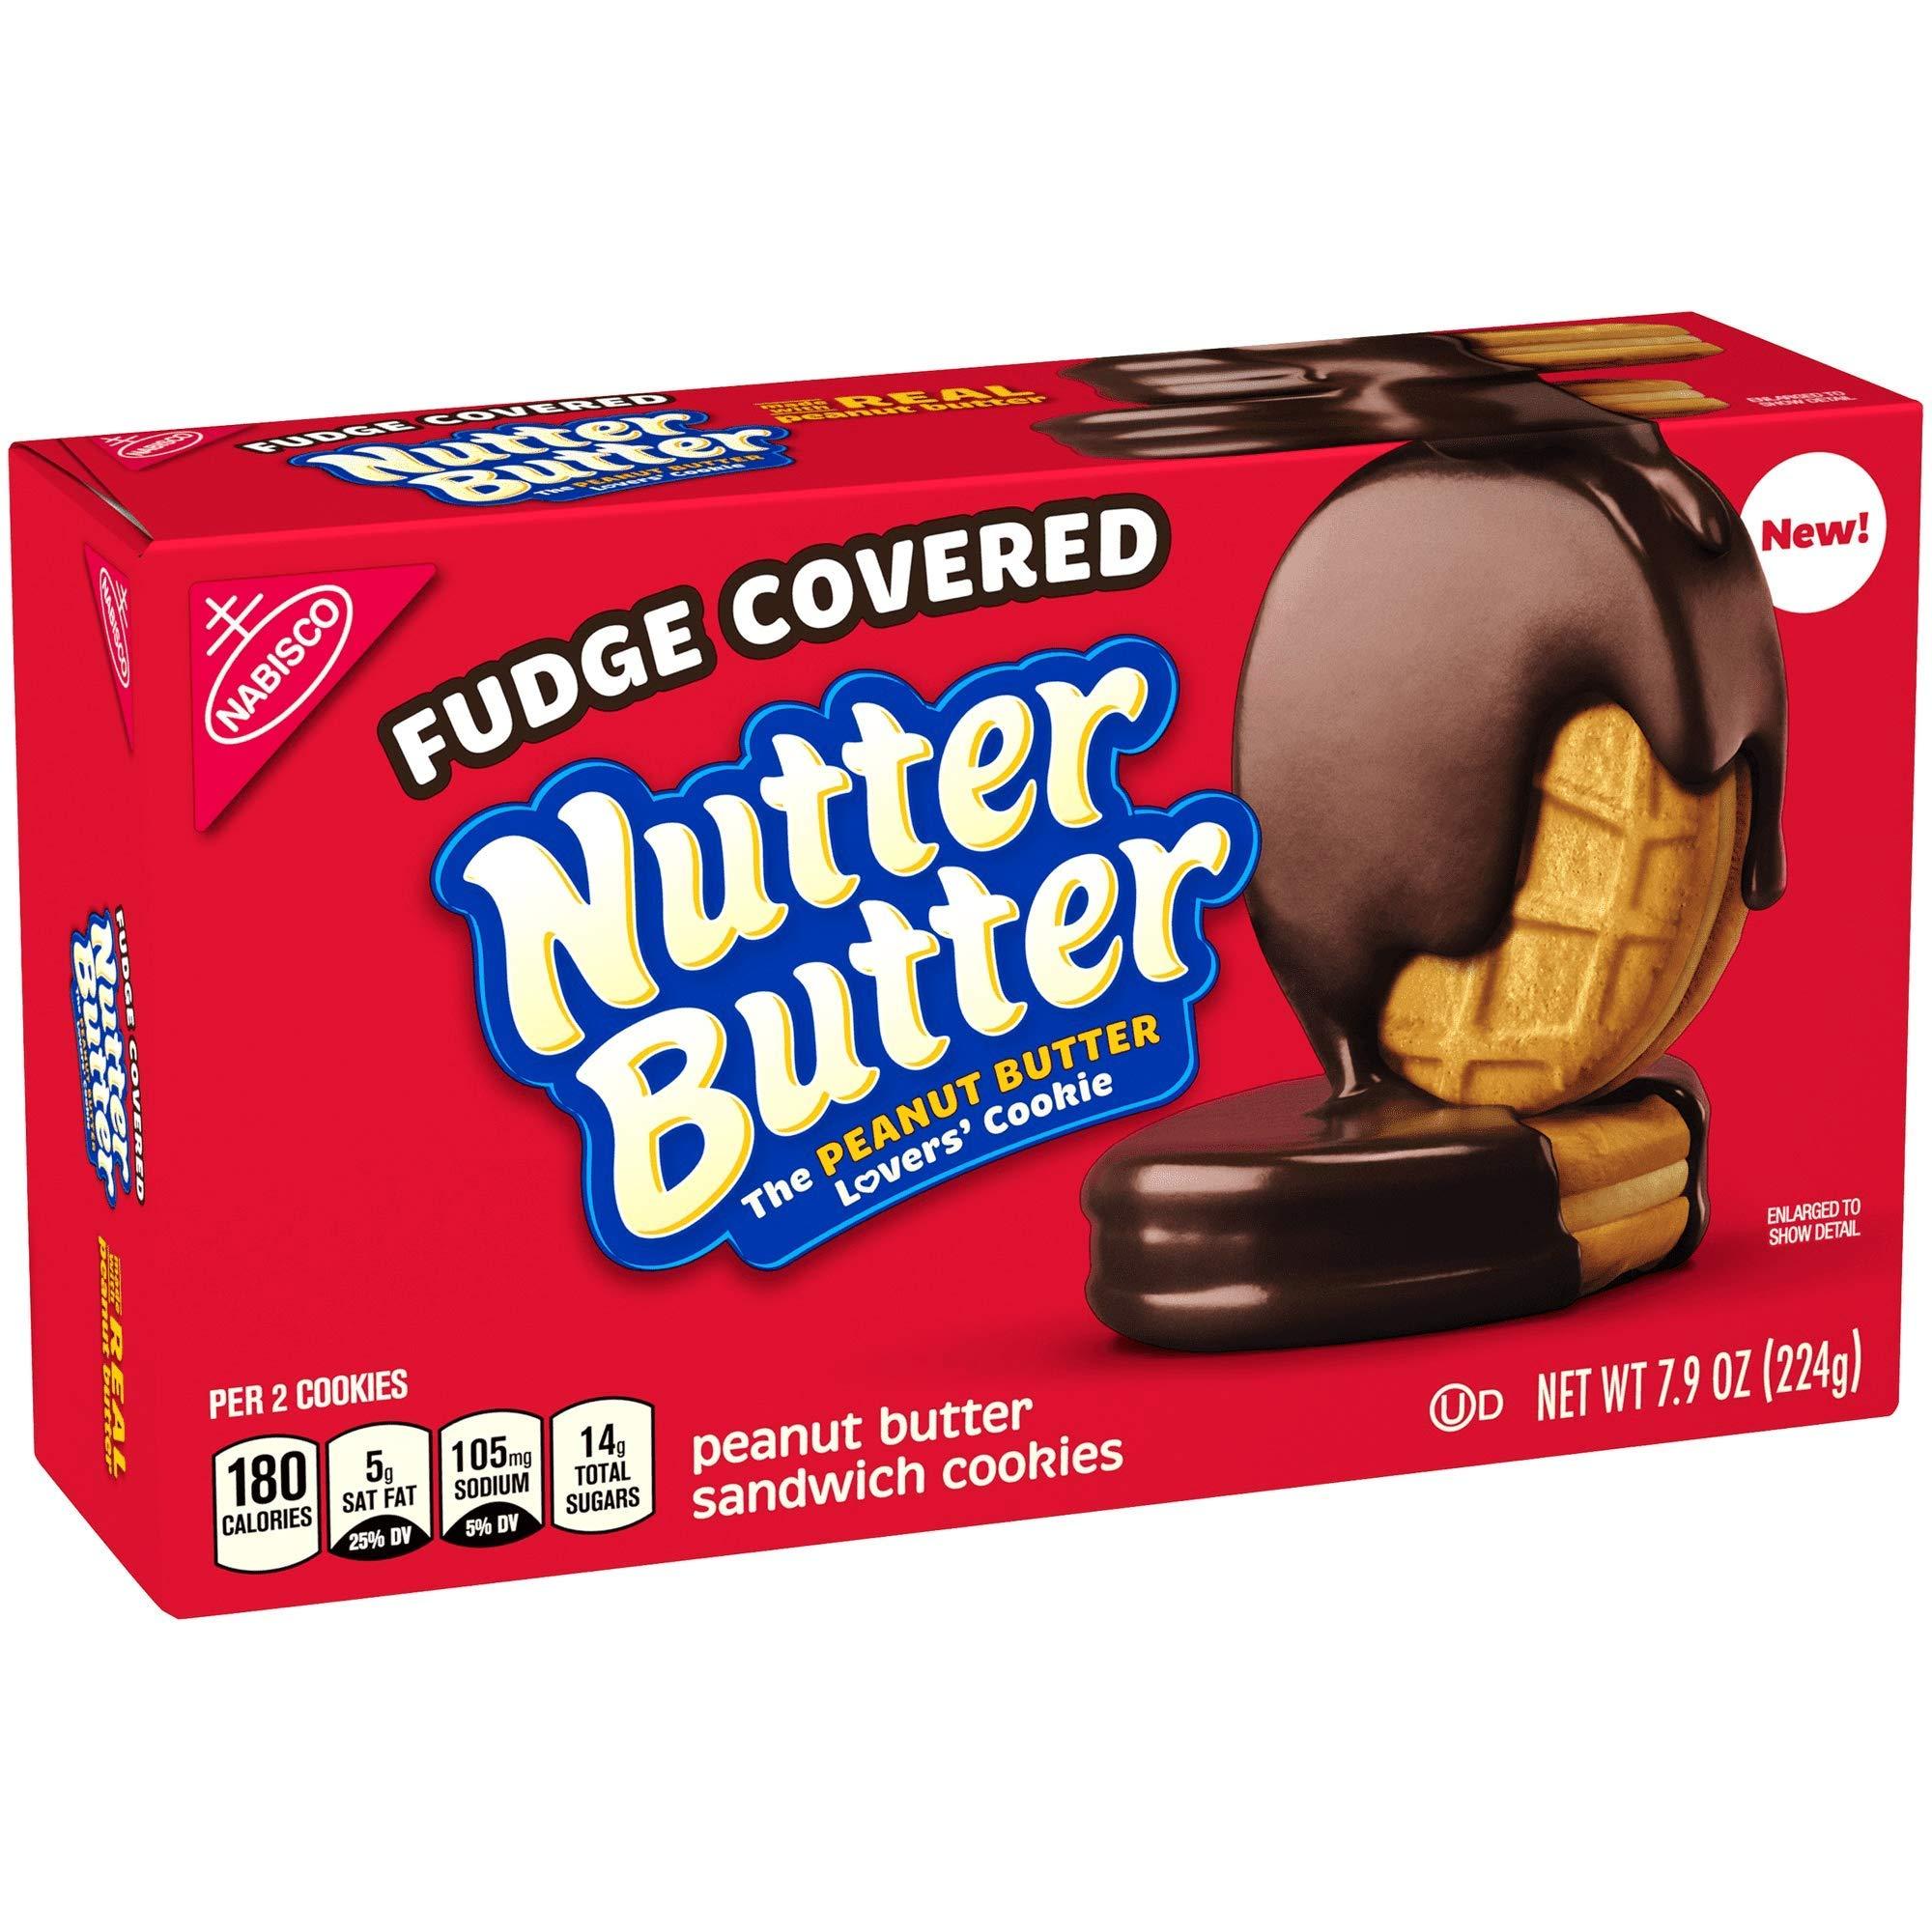 Nutter Butter Fudge Dipped Peanut Butter Cookies - 7.9oz (2 pack) by Nutter Butter Fudge Dipped Peanut Butter Cookies - 7.9oz ( 2 pack )